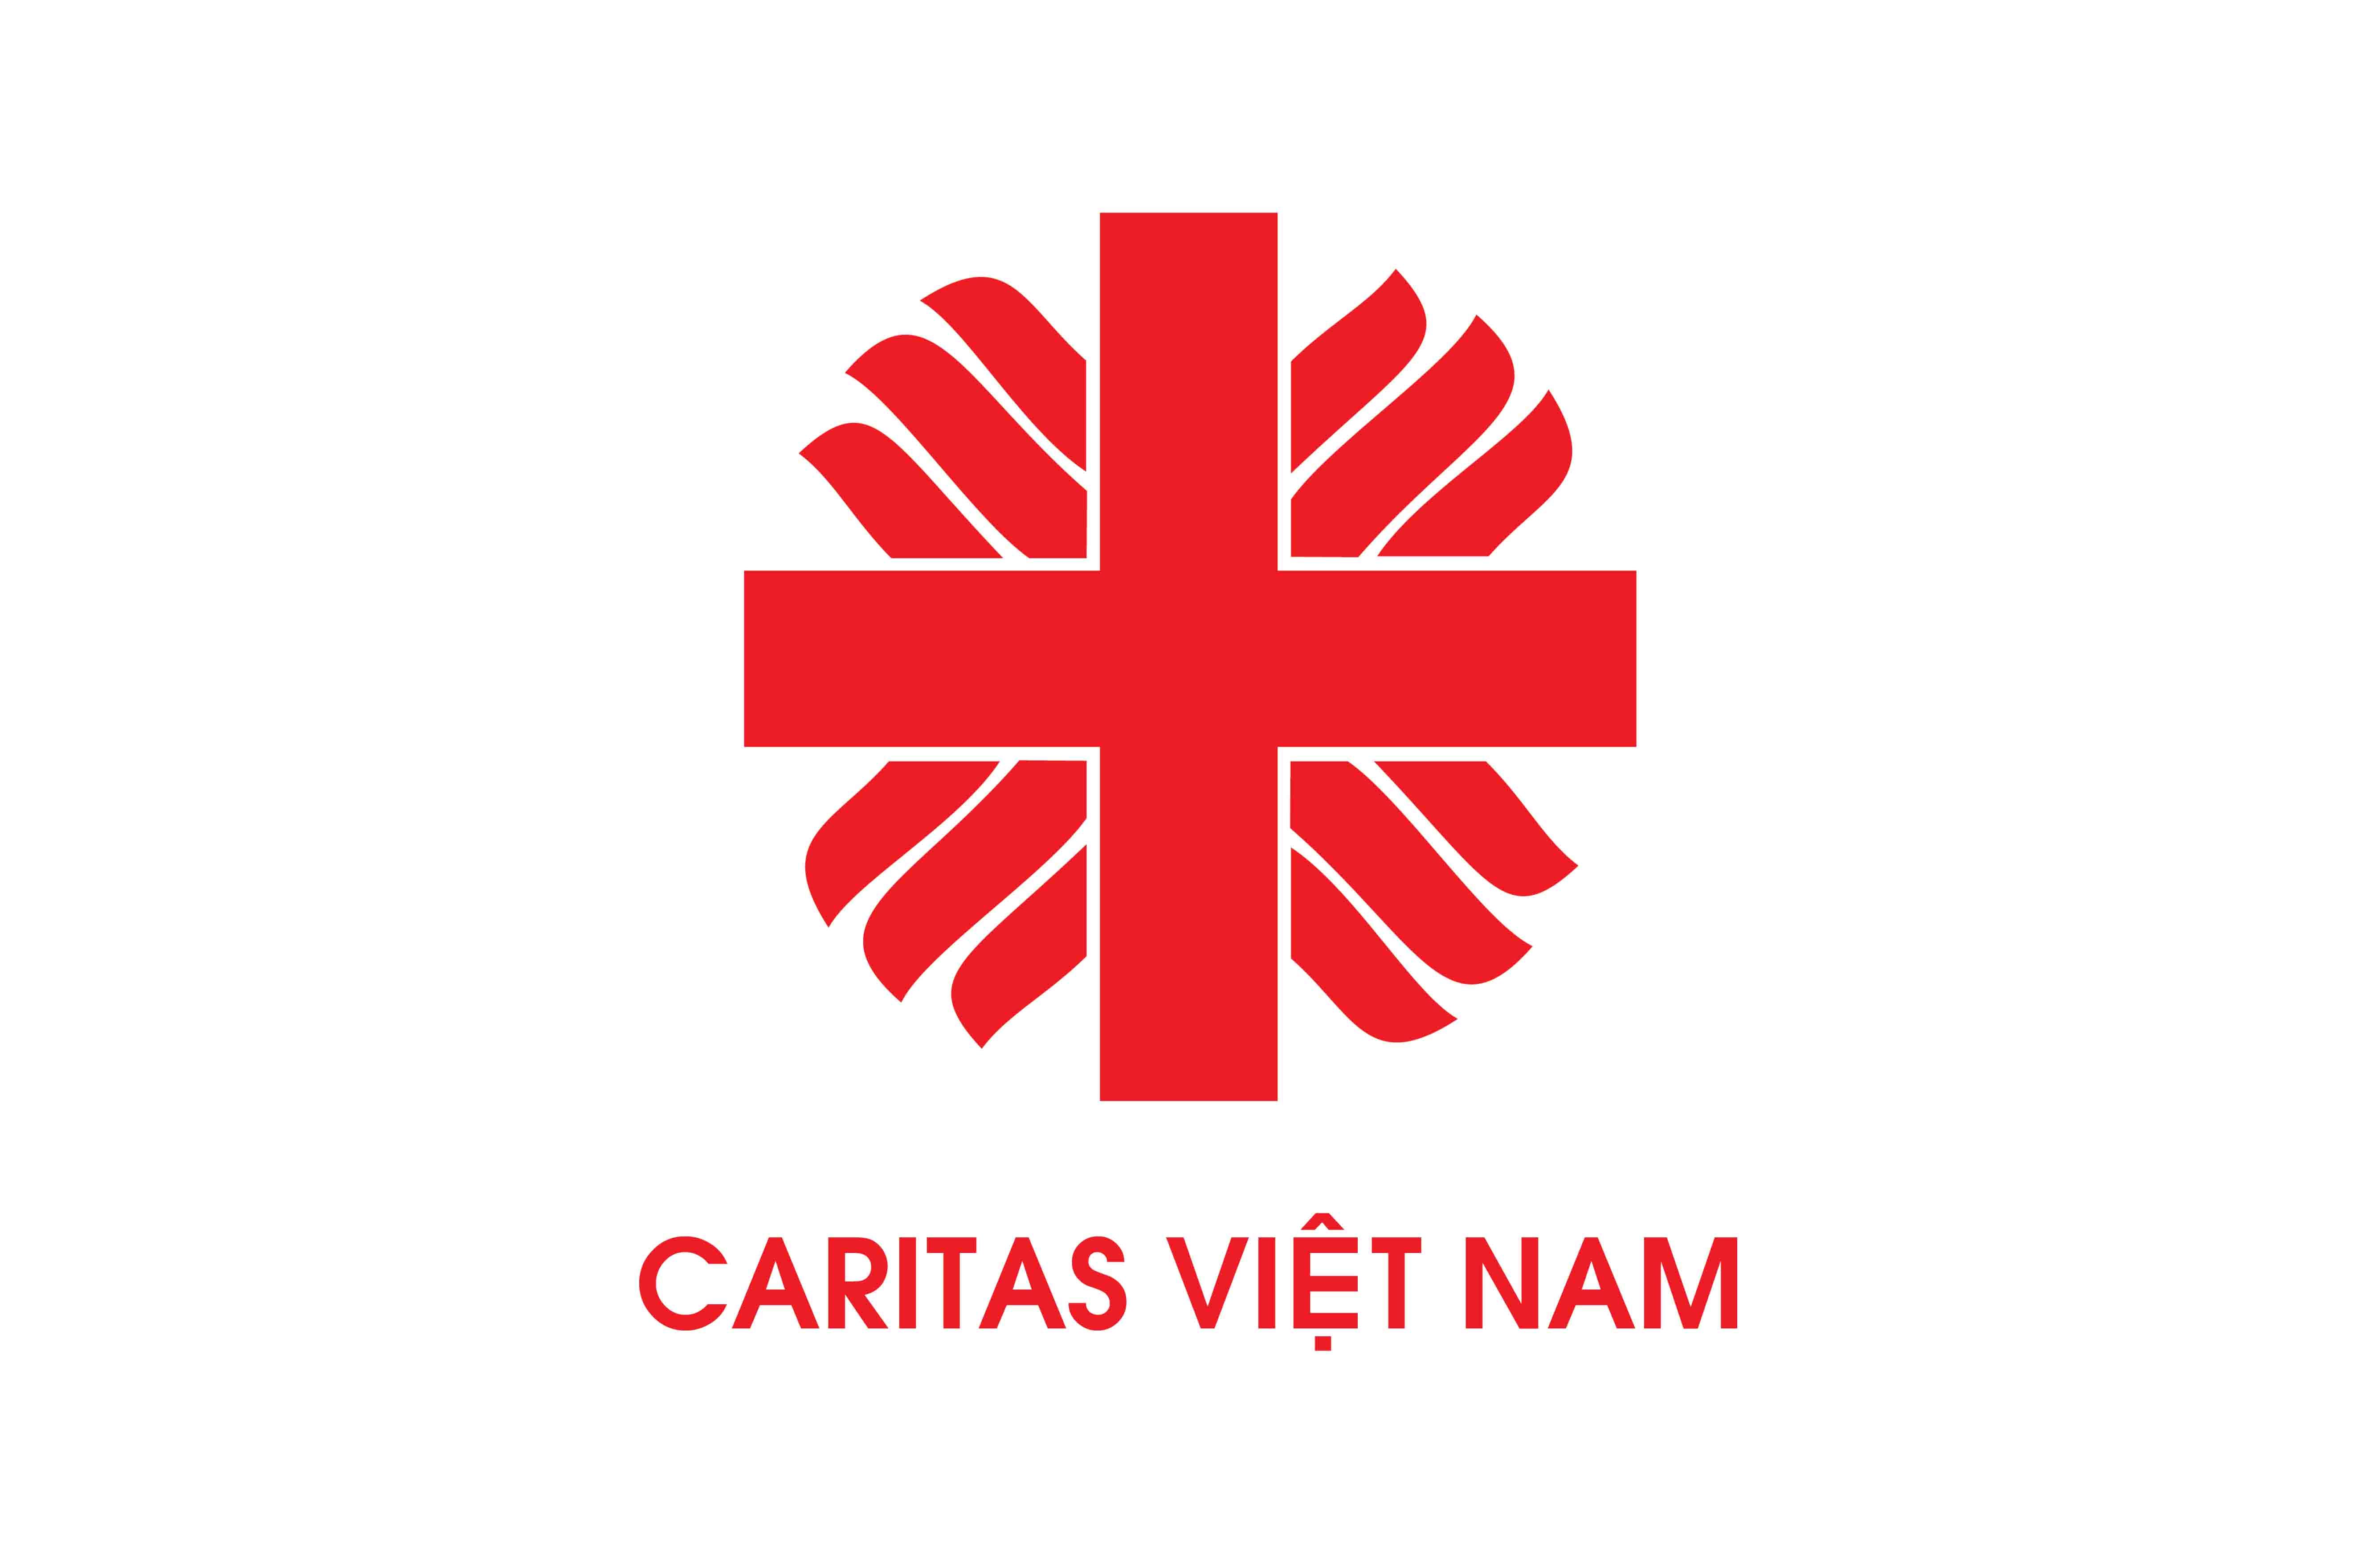 Thông báo Website chính thức của Caritas Việt Nam